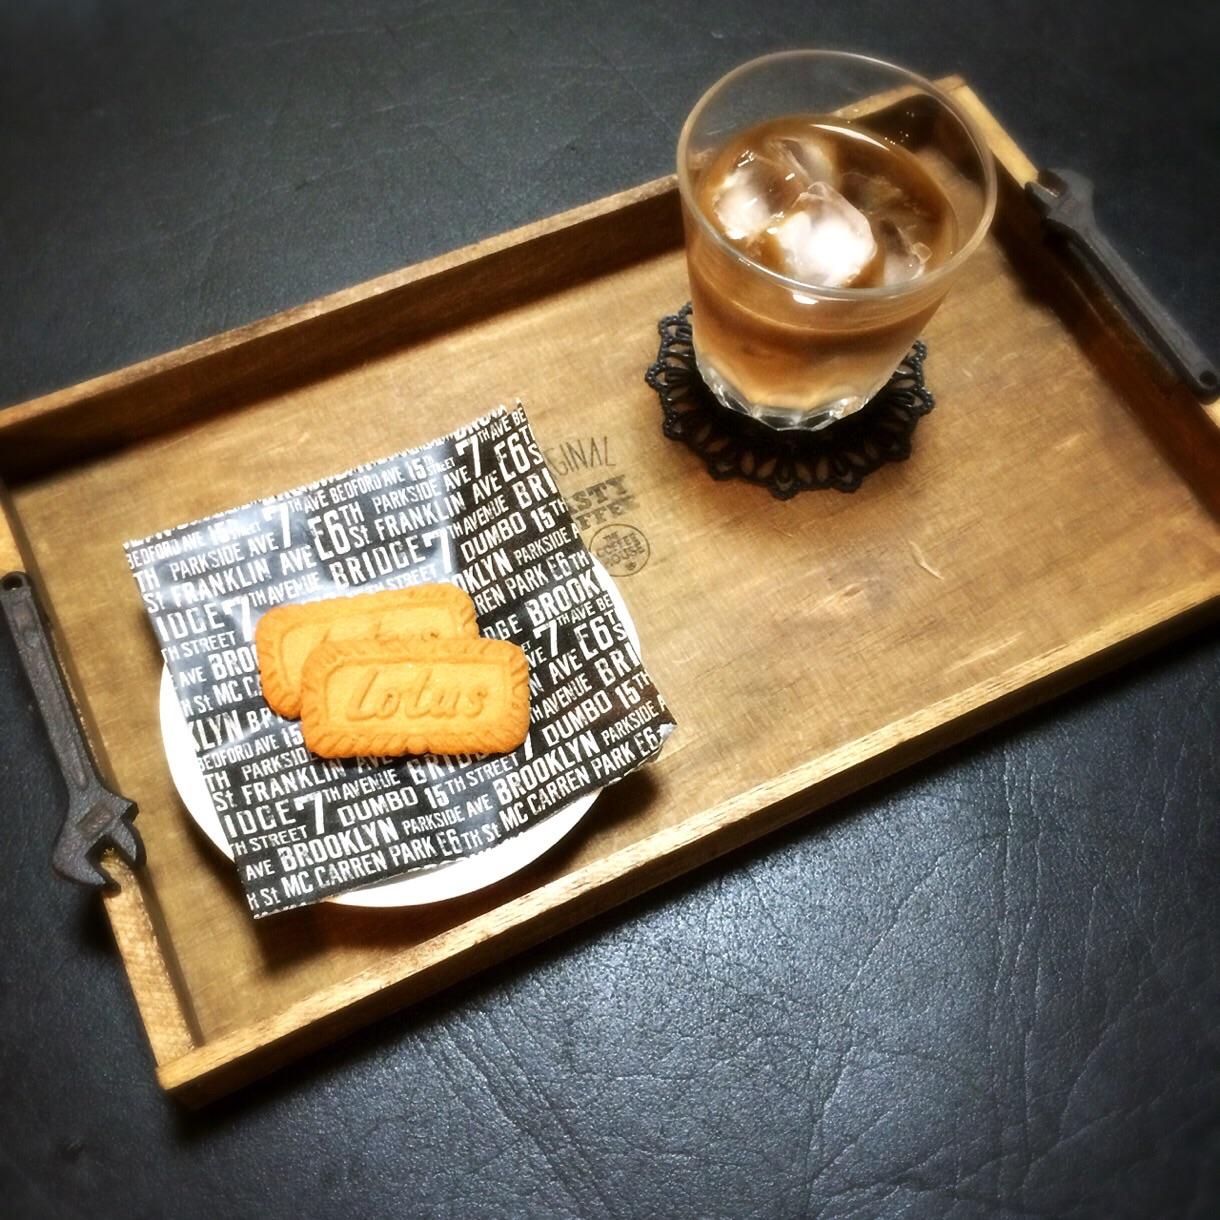 ビンテージな男前雑貨!素麺木箱でつくるDIYカフェトレイ by isasmineさん